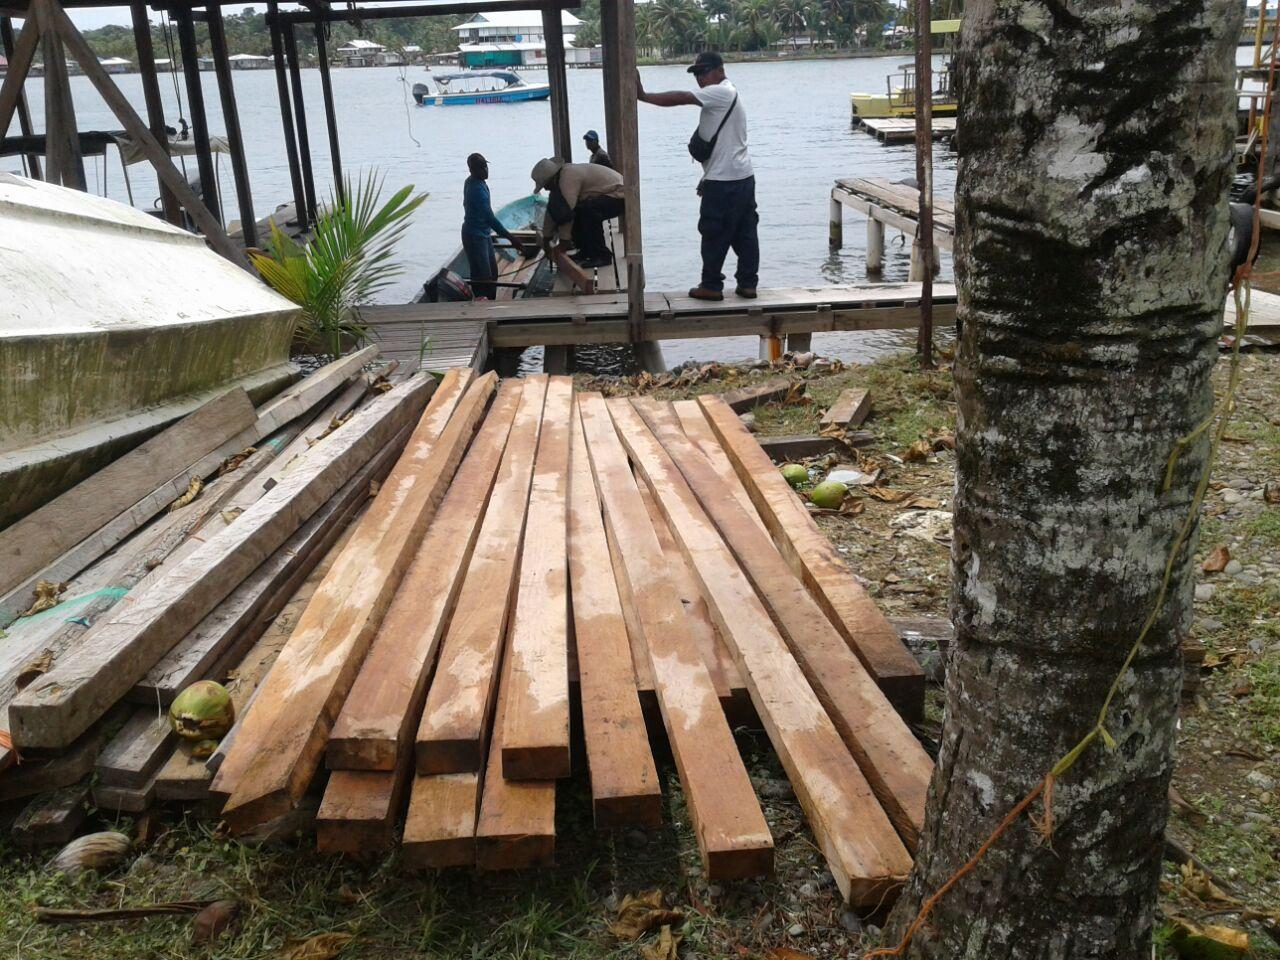 Confiscan madera en manglares de Isla Bastimentos - Crítica